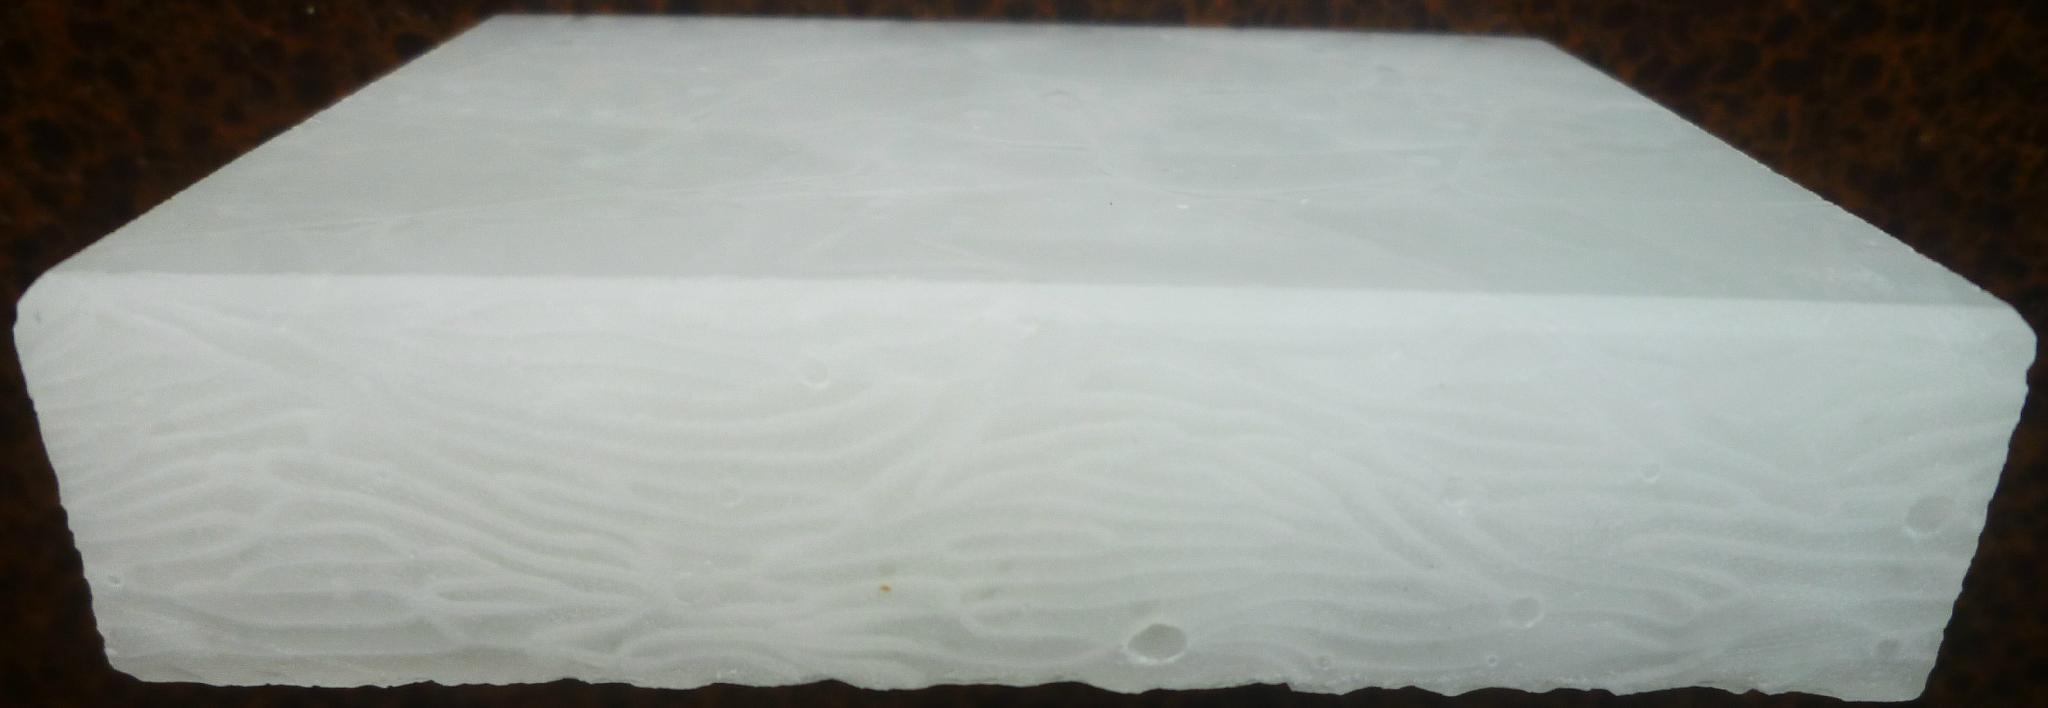 冰晶翡翠白玉通體微晶石大板 1